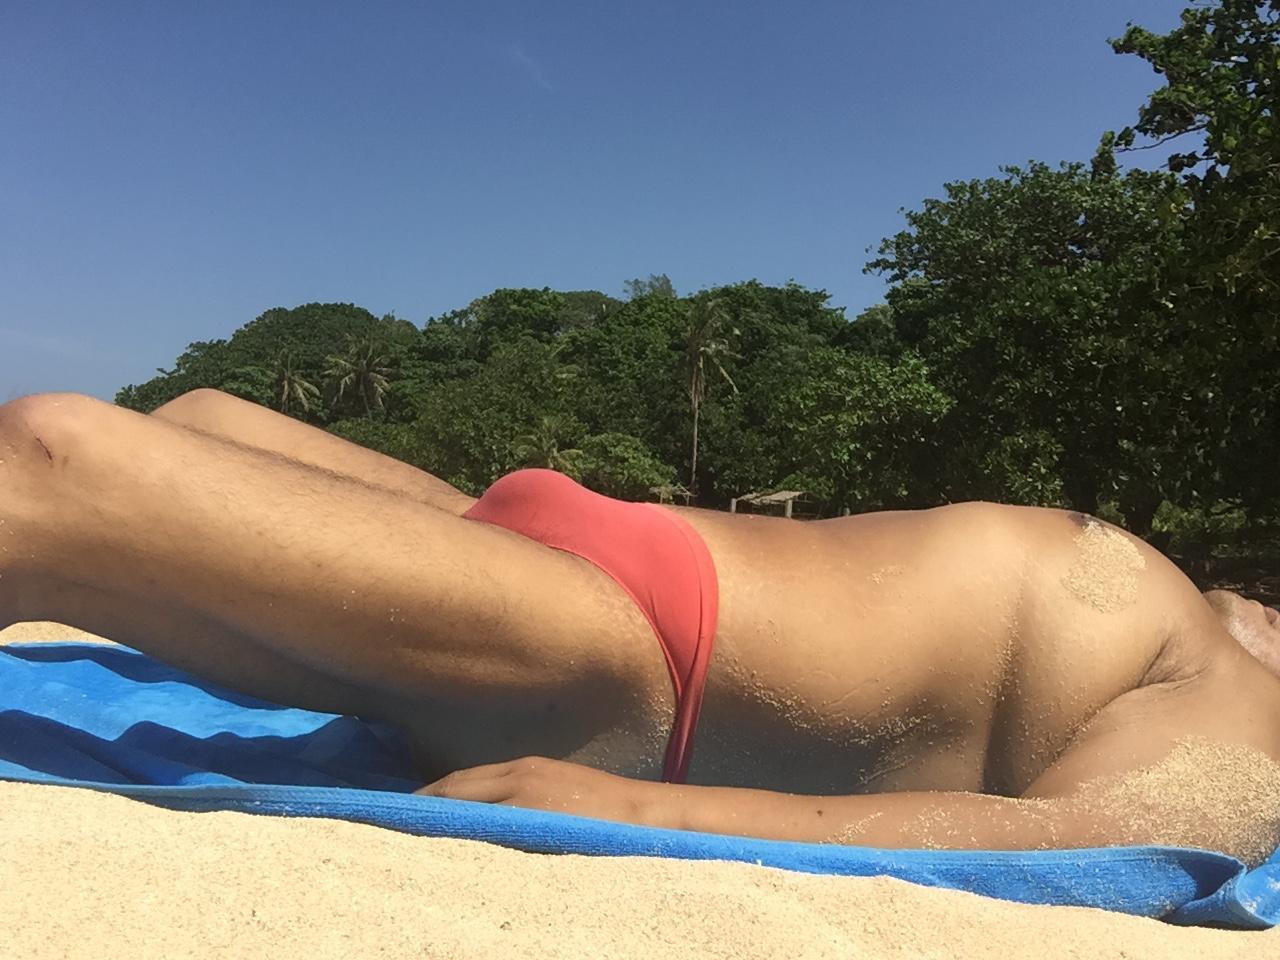 Bikini sun bather (39/218)